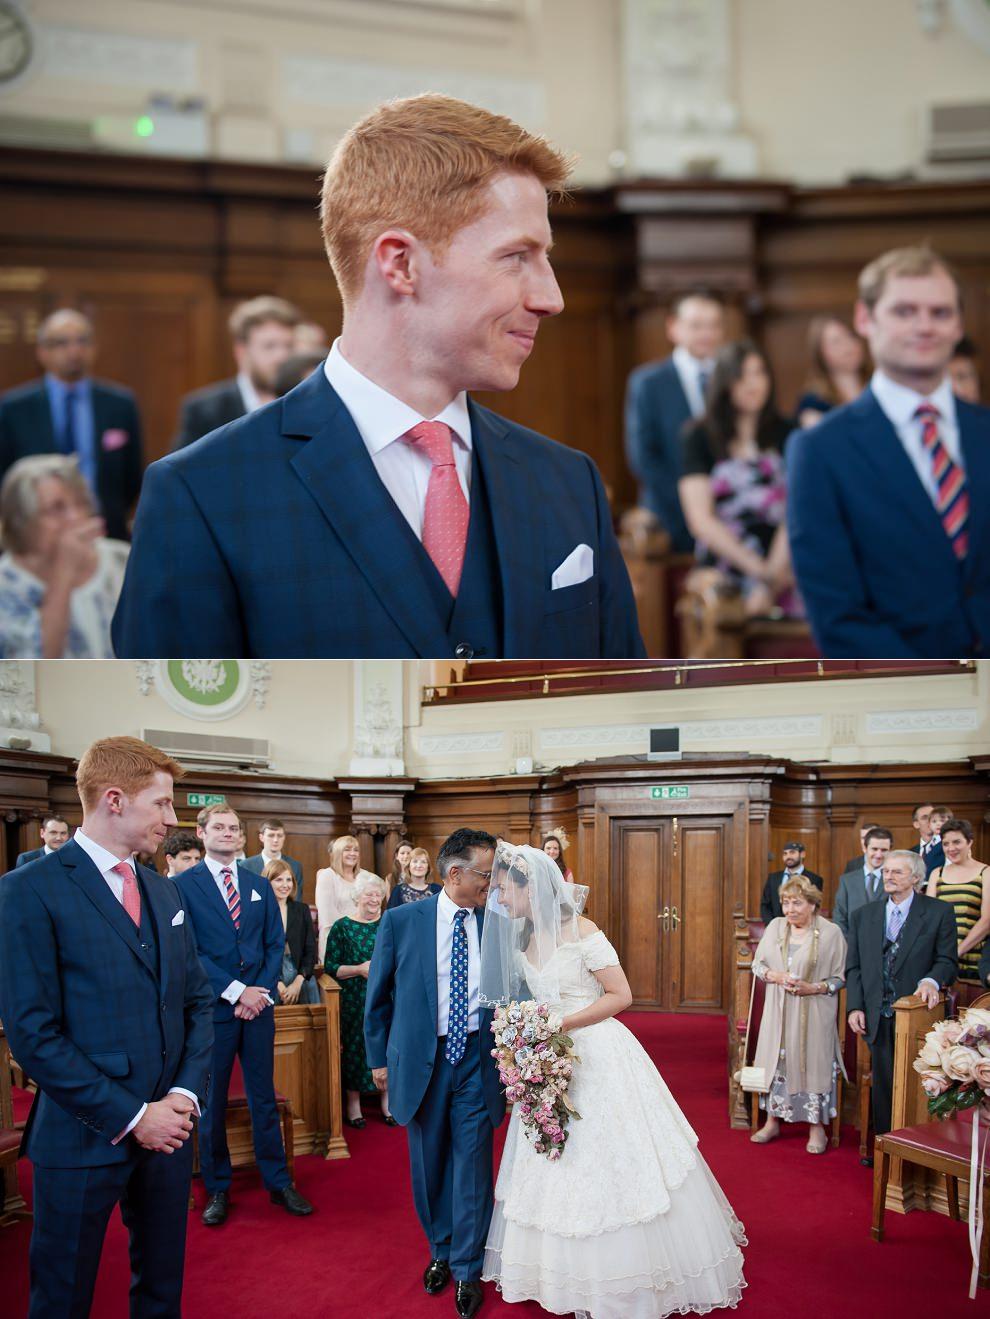 Islington-London-Wedding-Naomi-Euan-36